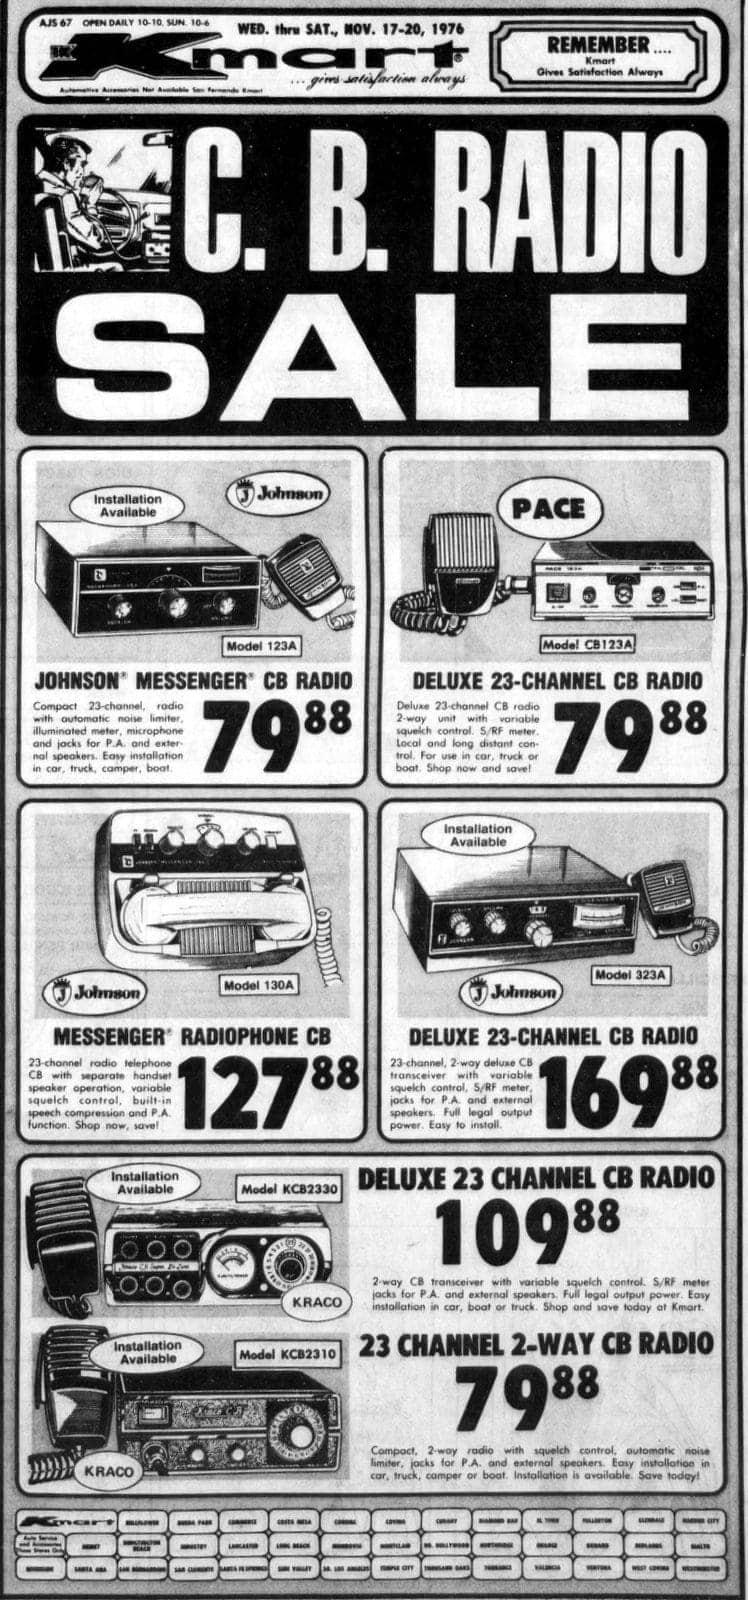 Progress Bulletin (Pomona, California) 17 Nov 1976, Wed